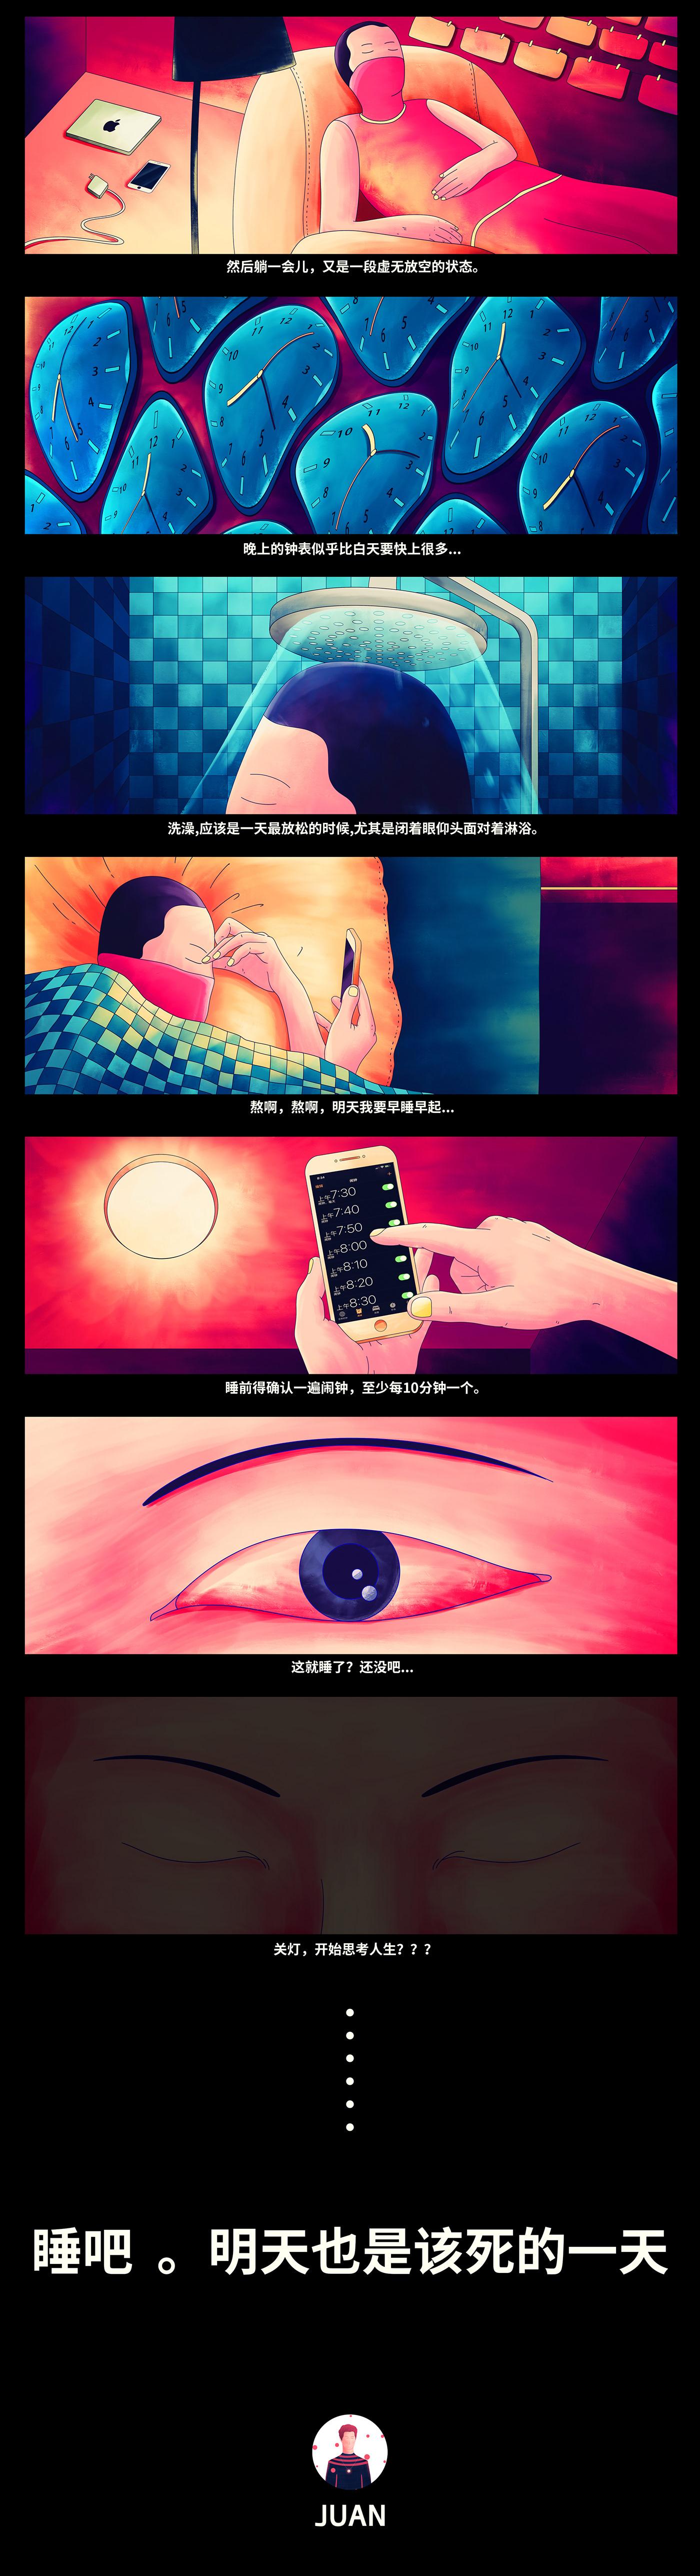 Image may contain: screenshot, monitor and screen